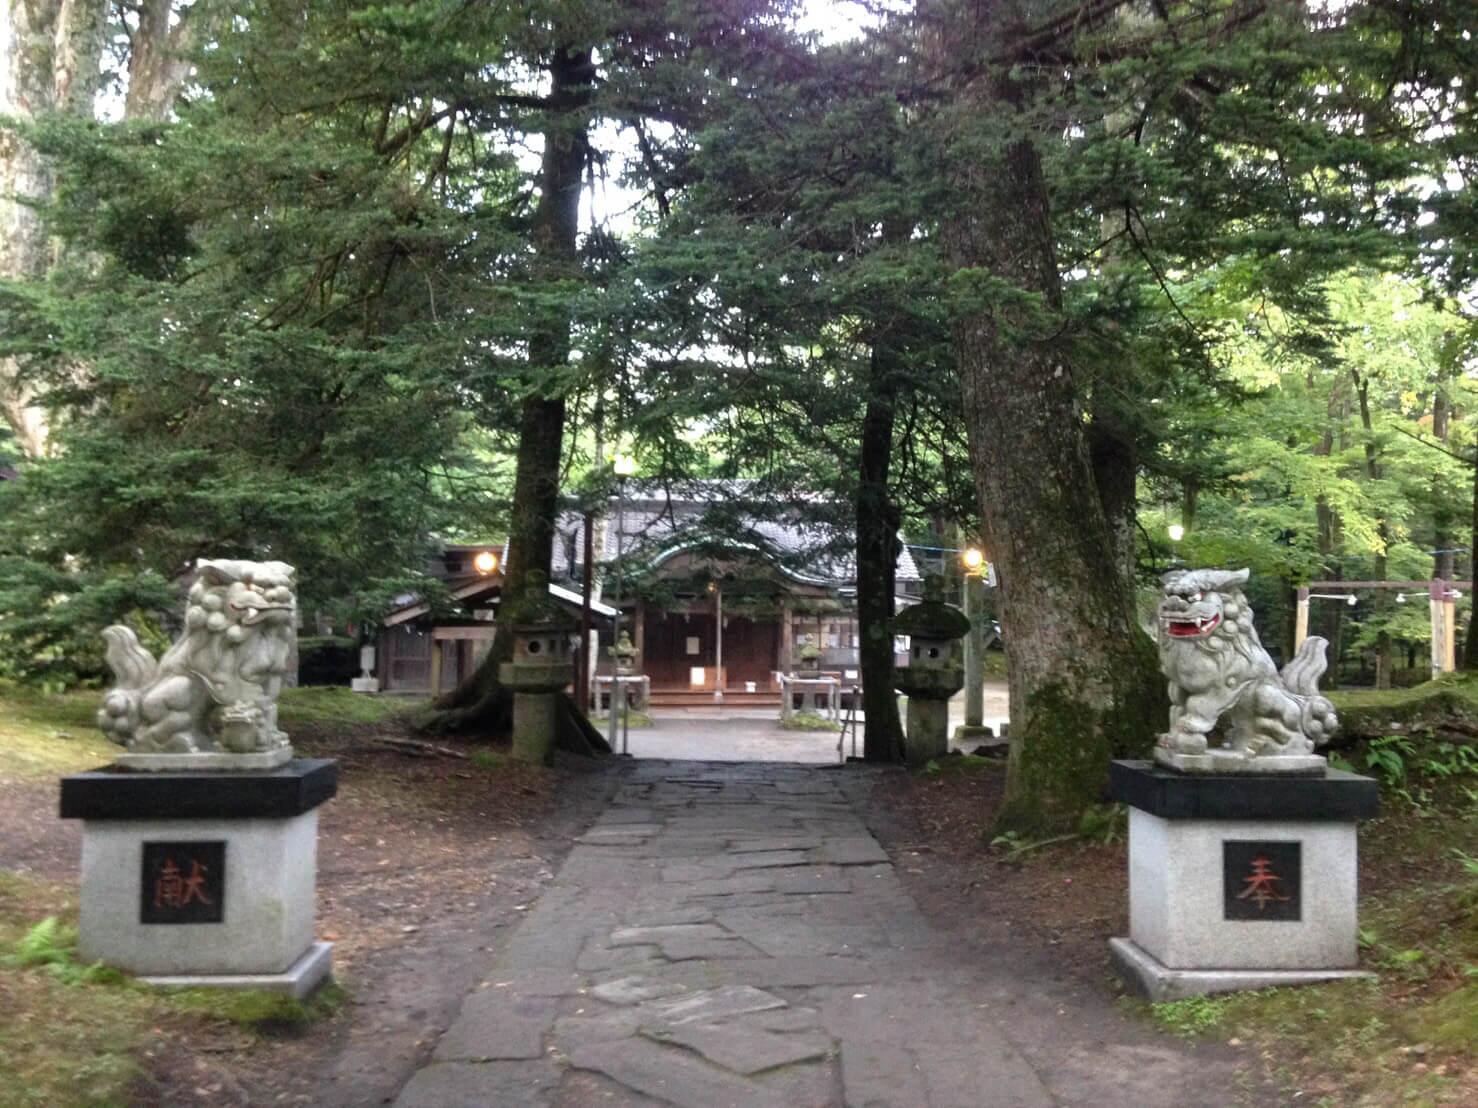 在世界各地掀起話題!日本實境節目「TERRACE HOUSE」中登場的10個輕井澤觀光景點 在軽井沢、日本旅行、